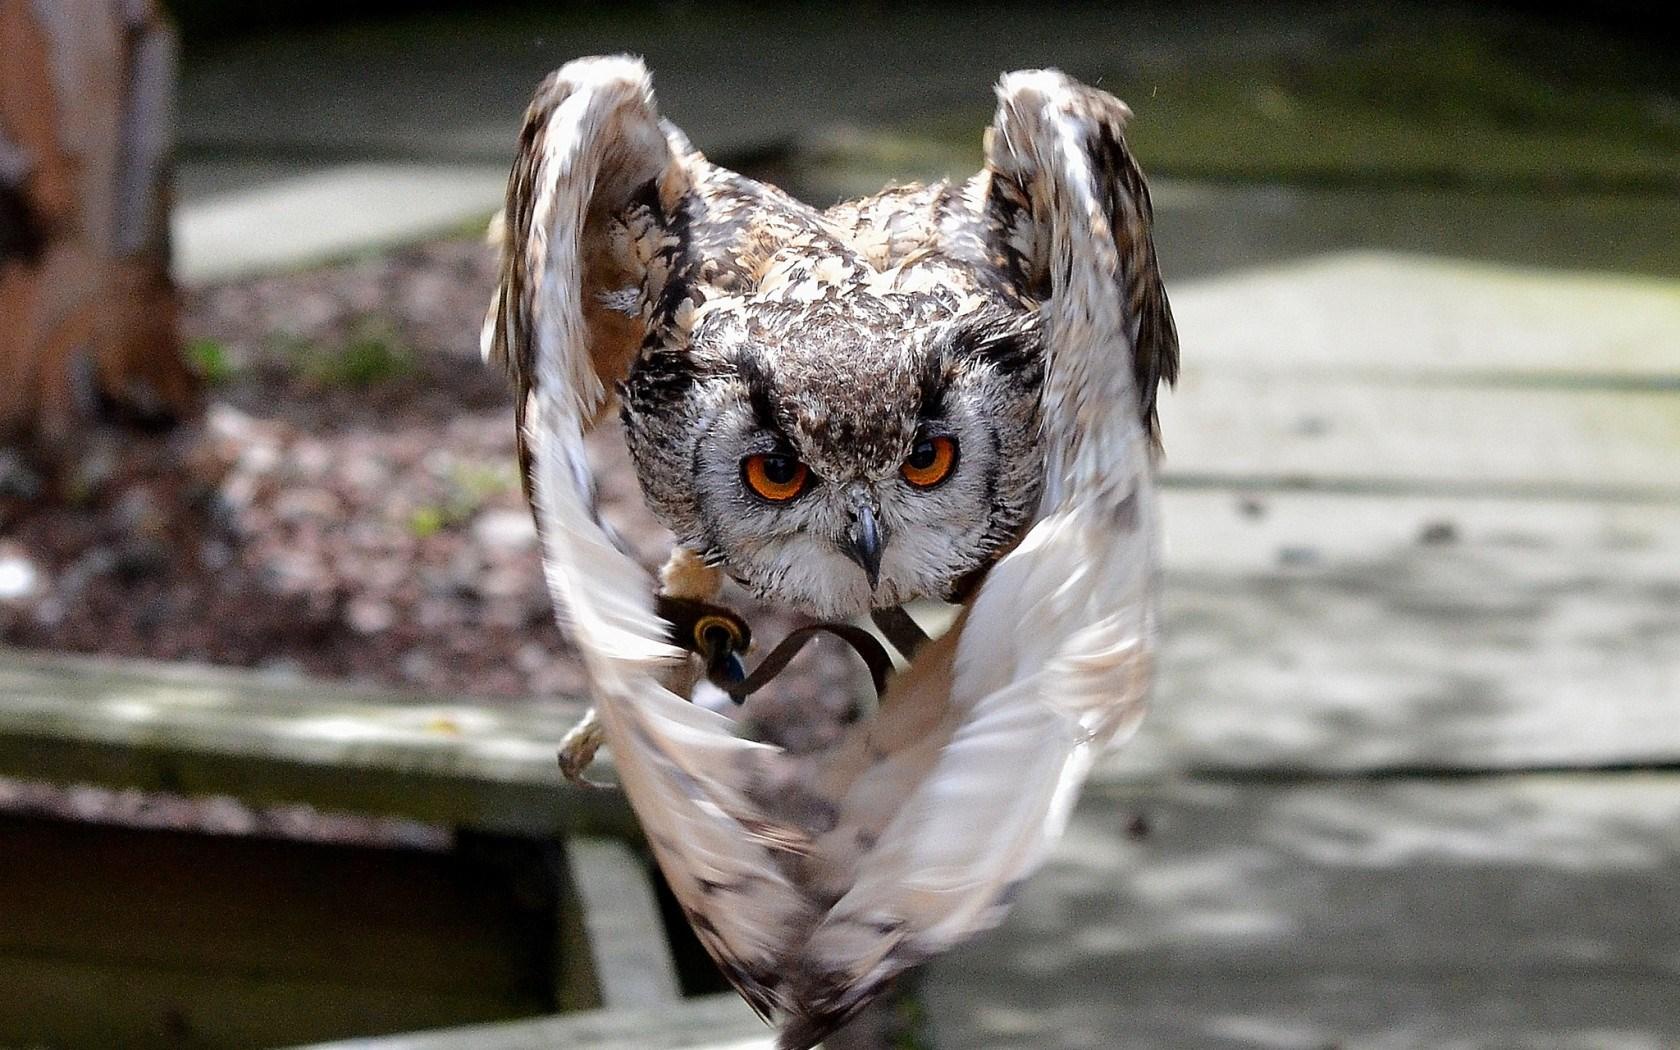 Bird Owl Wings Close-Up